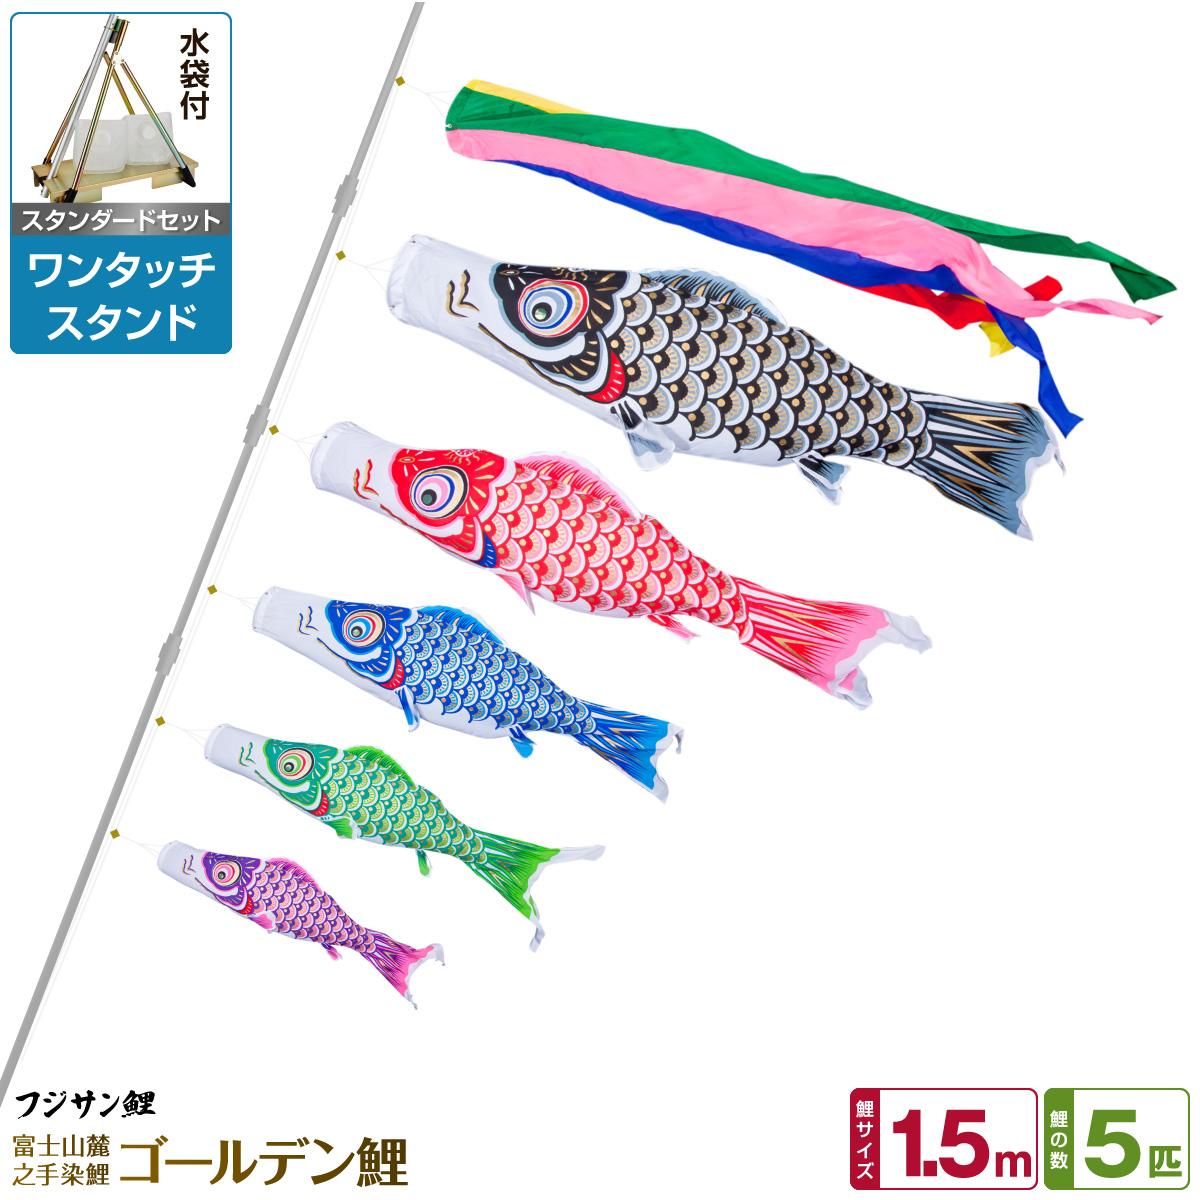 ベランダ用 こいのぼり 鯉のぼり フジサン鯉 ゴールデン鯉 1.5m 8点(吹流し+鯉5匹+矢車+ロープ)/スタンダードセット(ワンタッチスタンド)